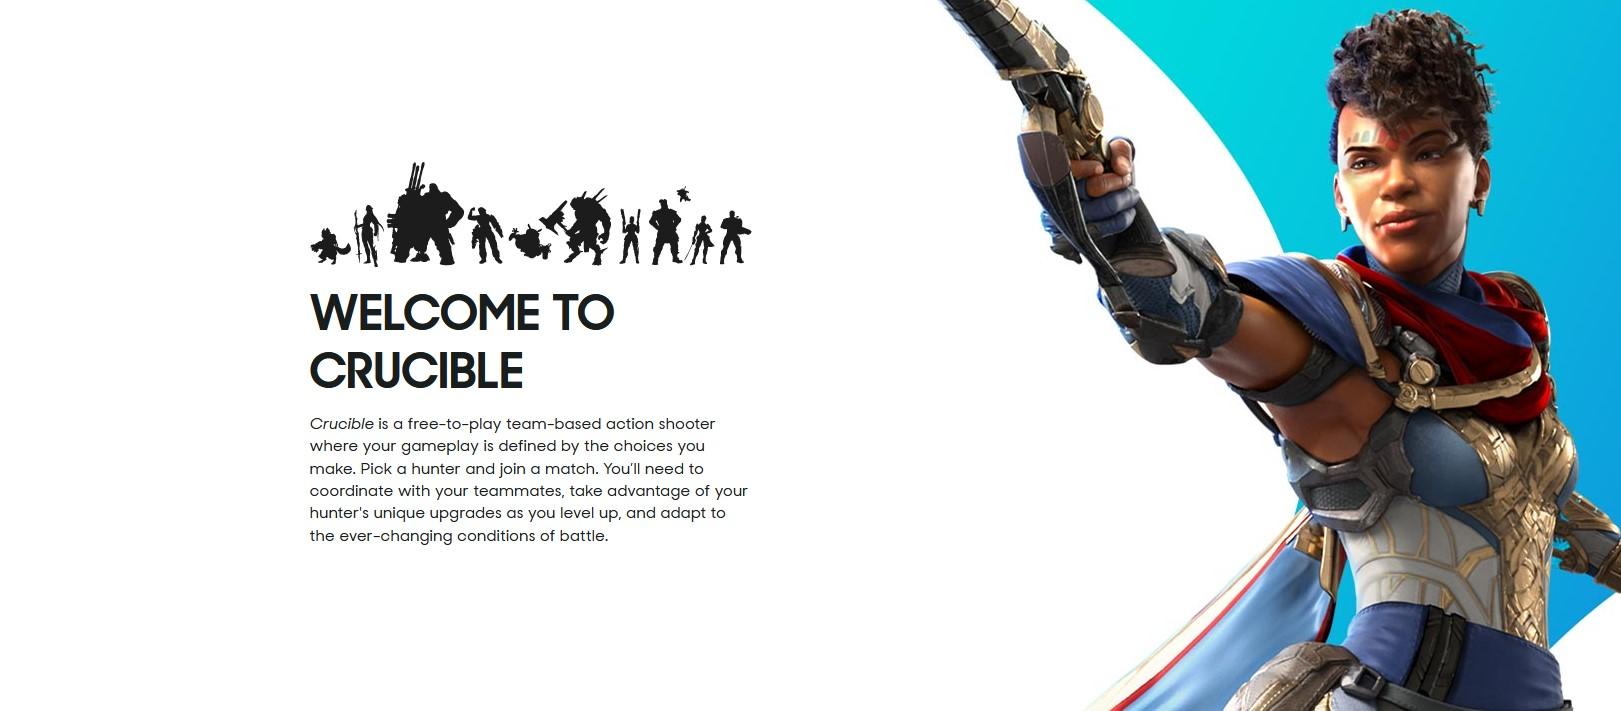 あのAmazonから新作ゲーム!Crucibleを発表!TPSでPvPvEで面白そう!